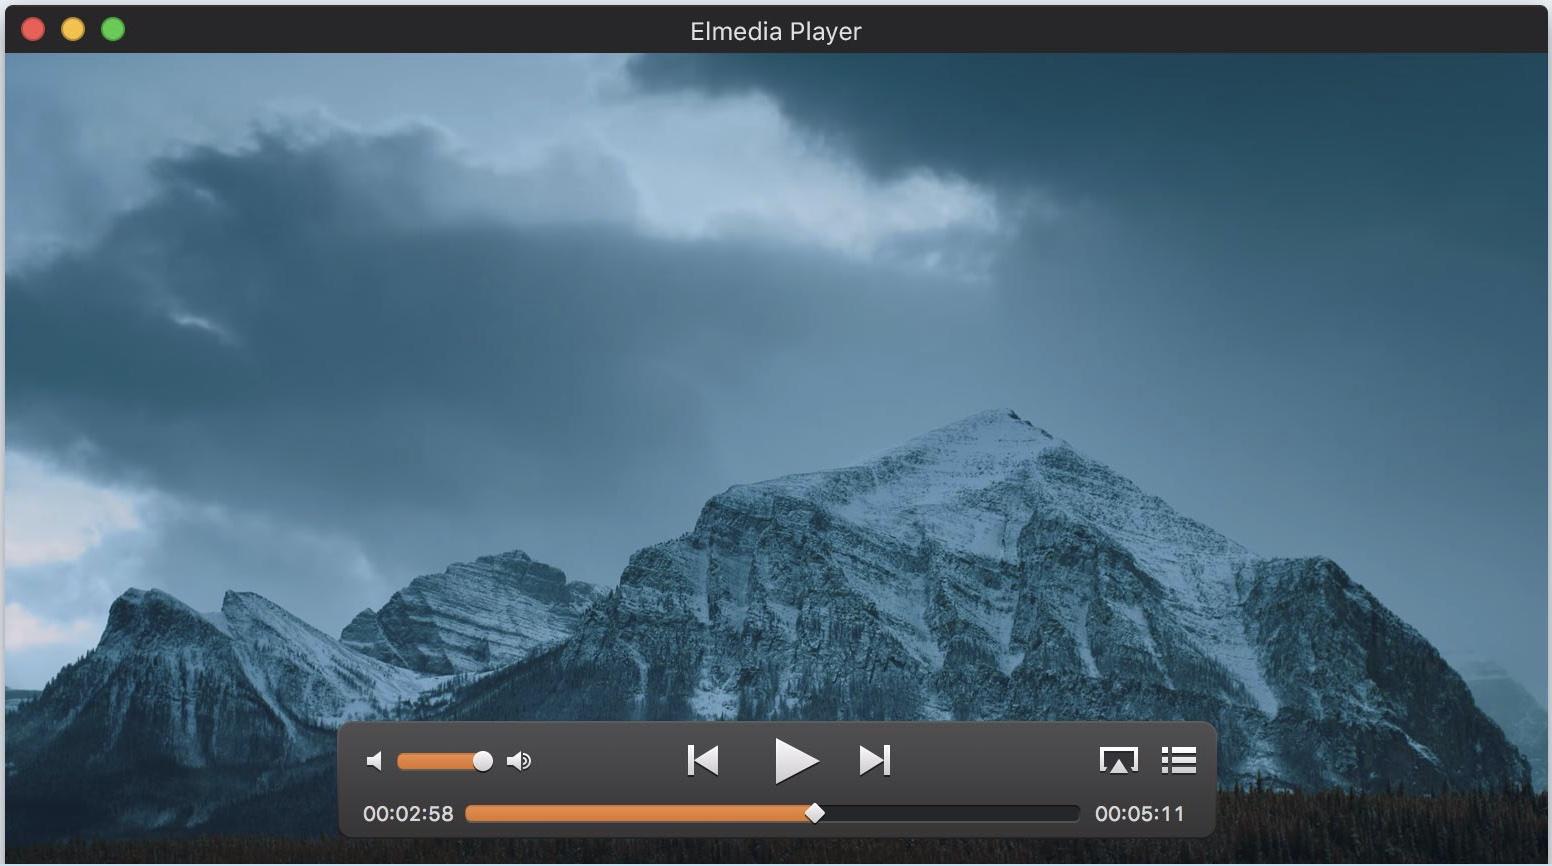 Elmedia Player 7.0 for macOS adds Chromecast support, more